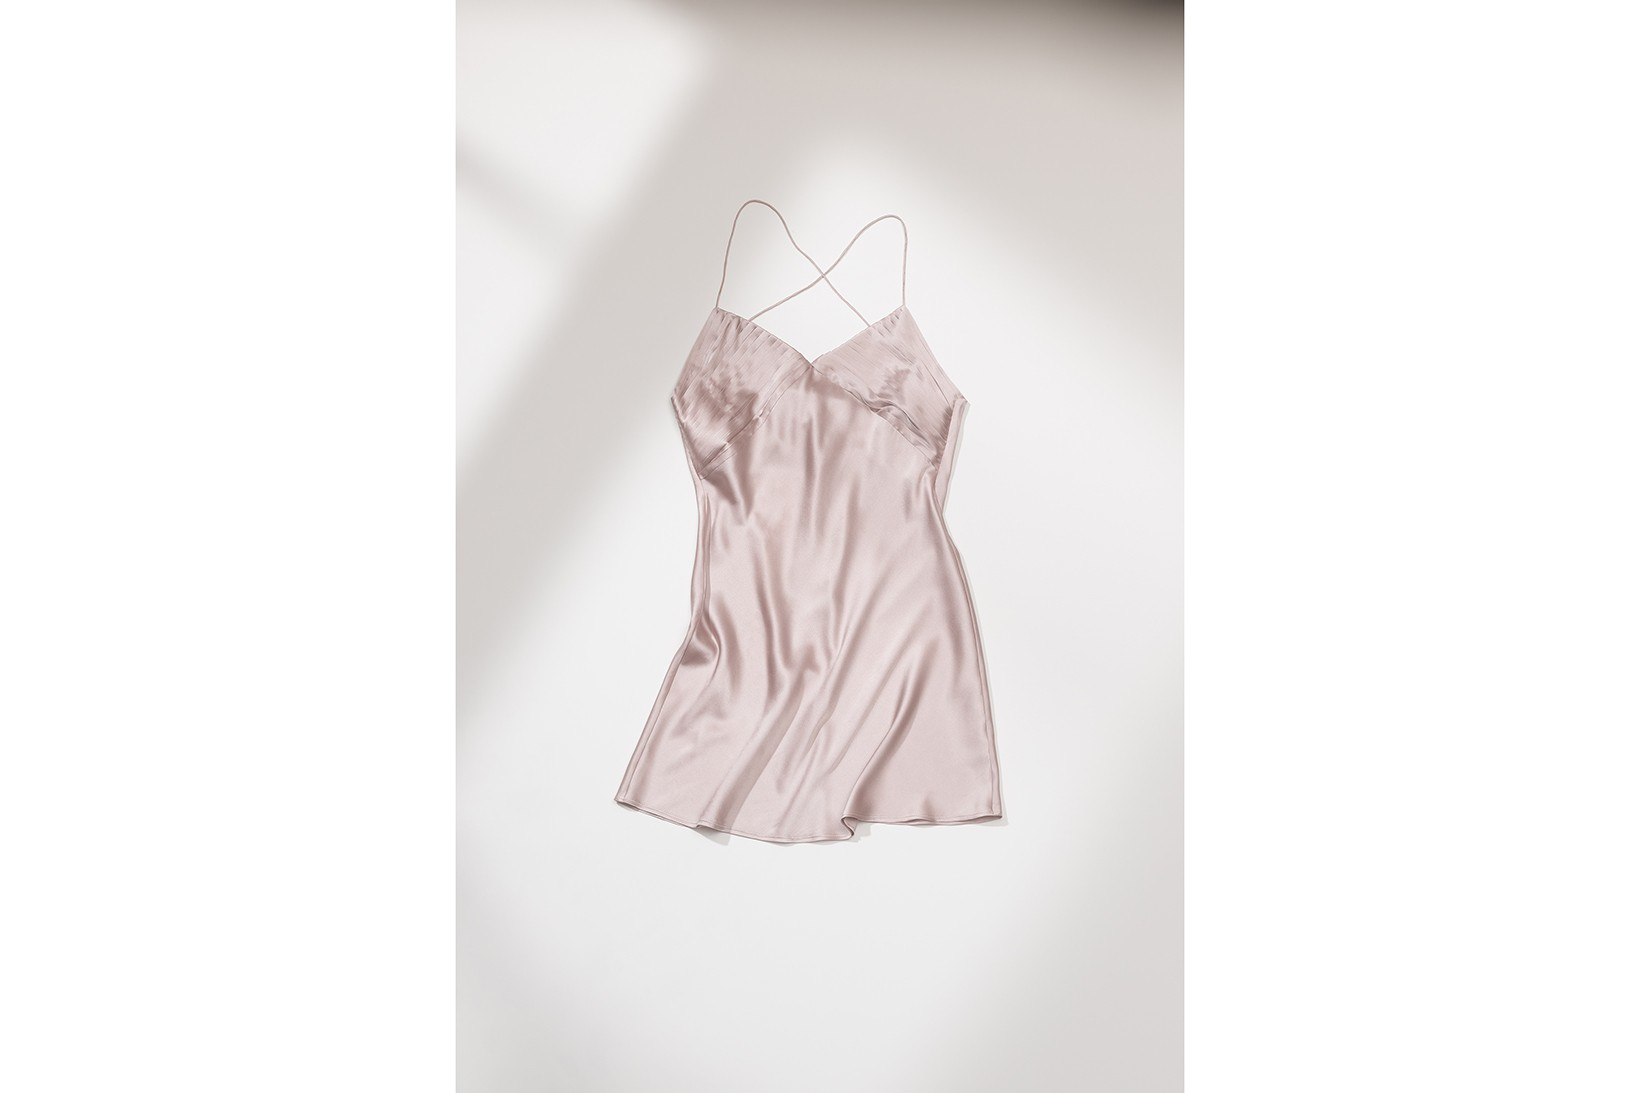 zara lingerie collection bras underwear shapewear loungewear release